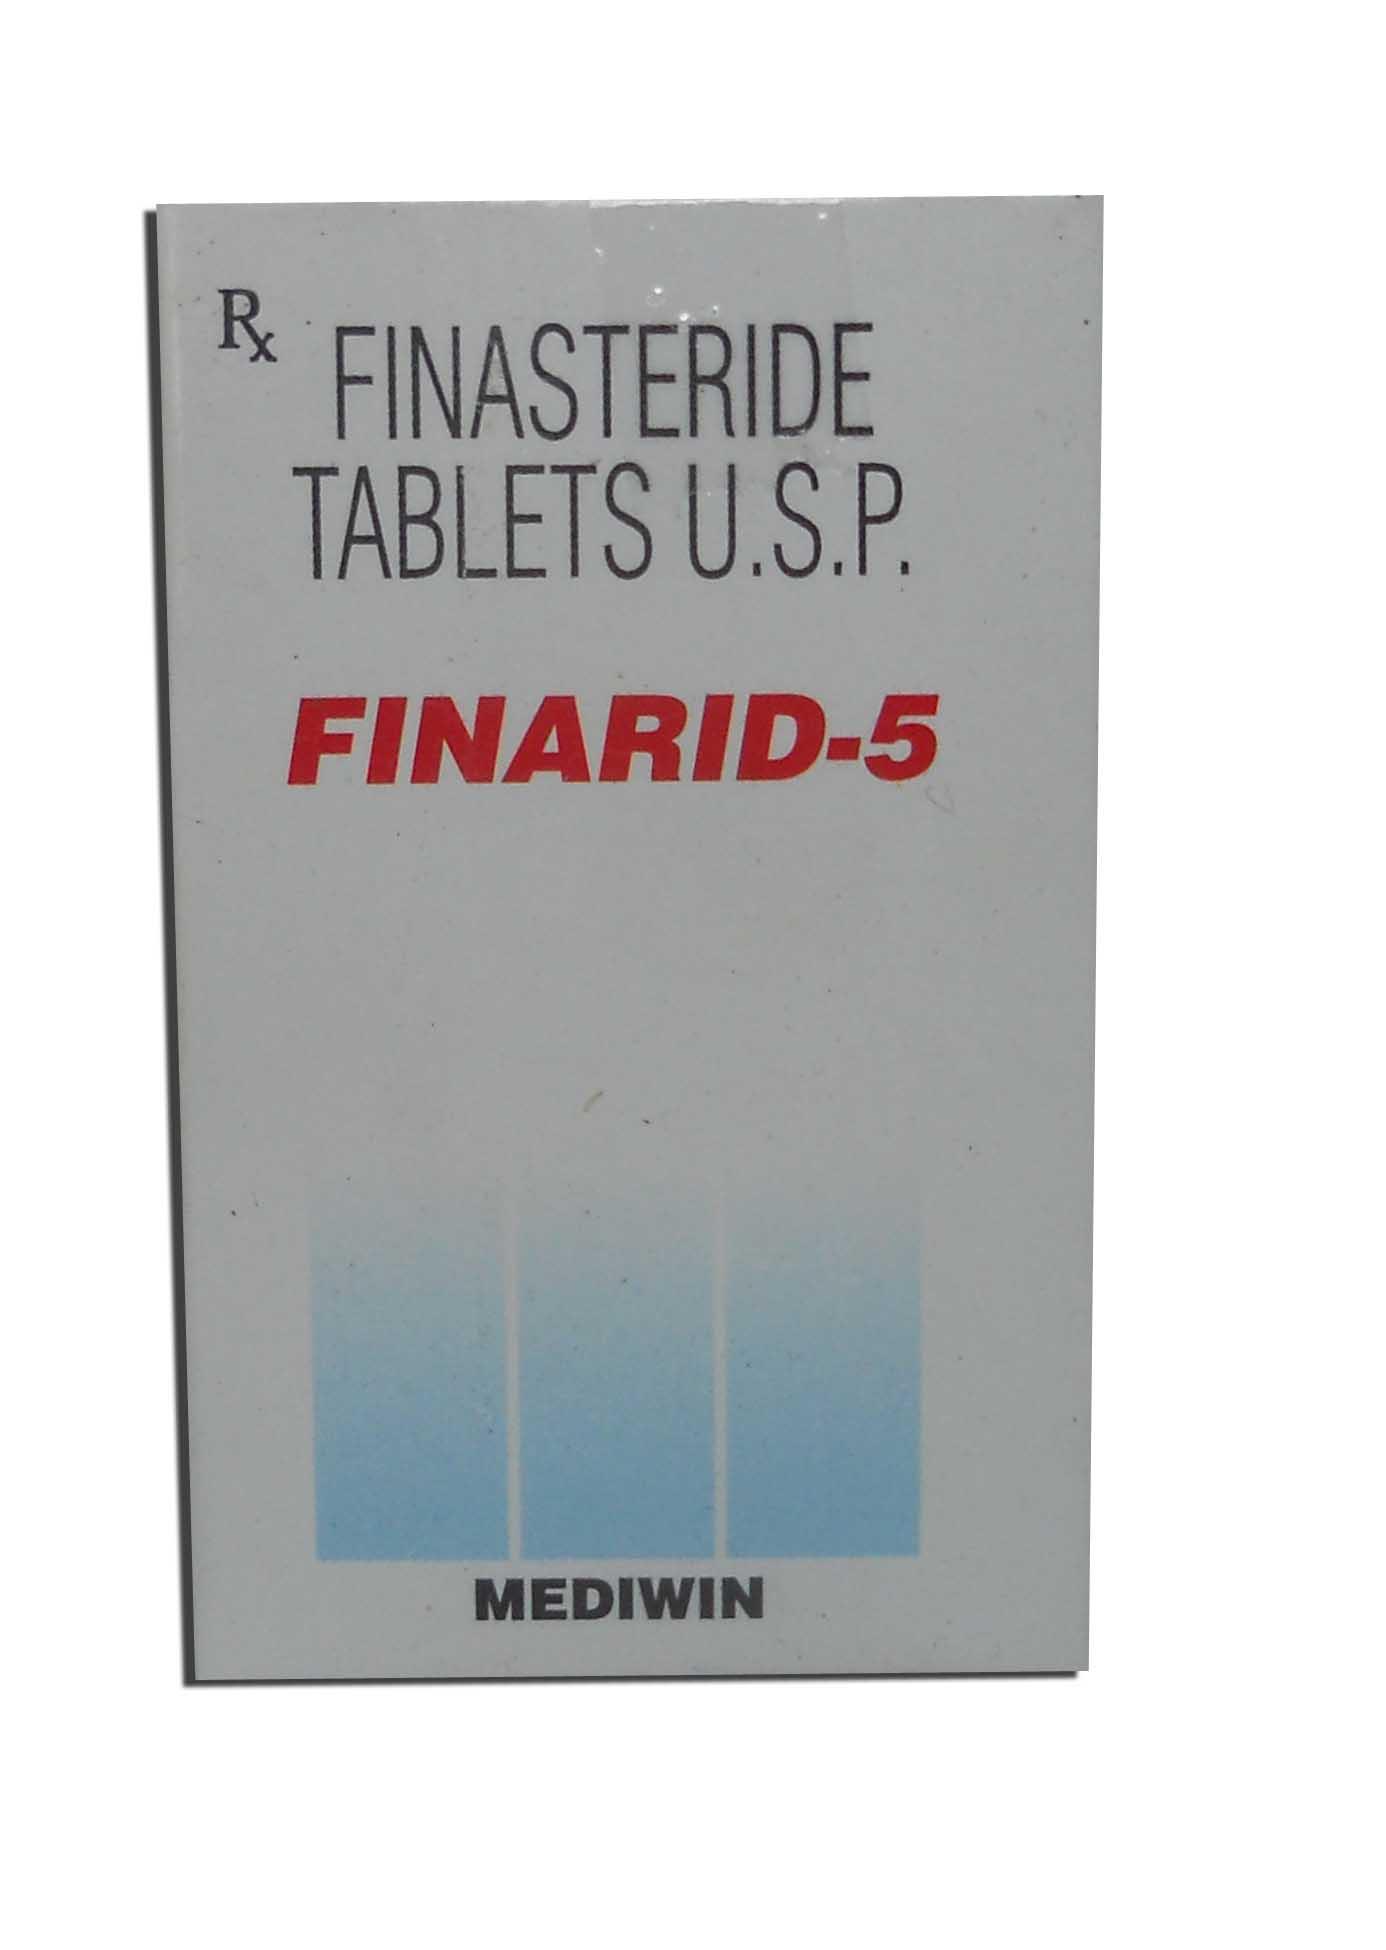 Finarid-5